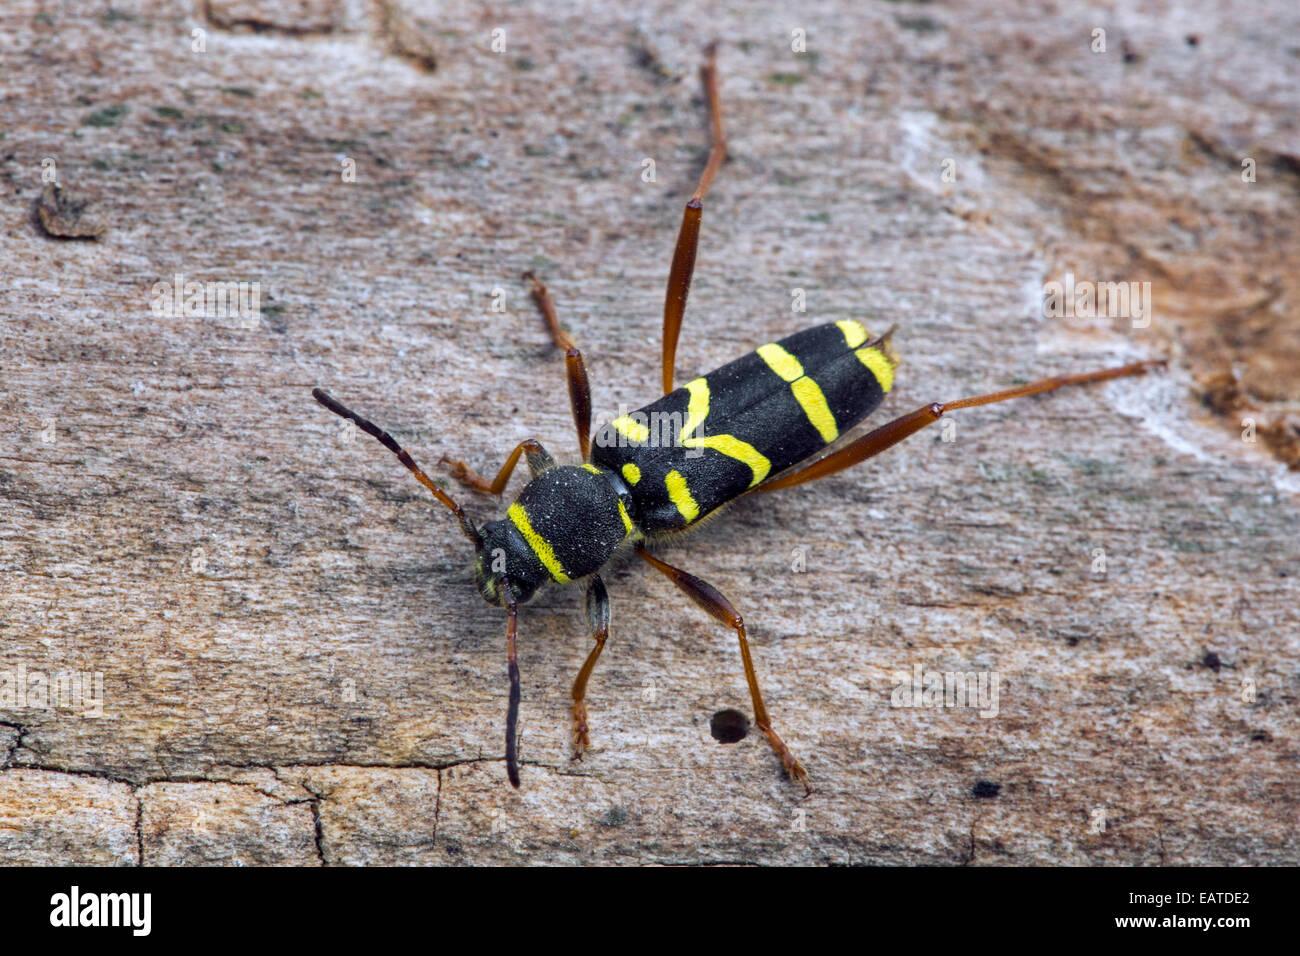 Wasp beetle (Clytus arietis), wasp-mimicking longhorn beetle - Stock Image